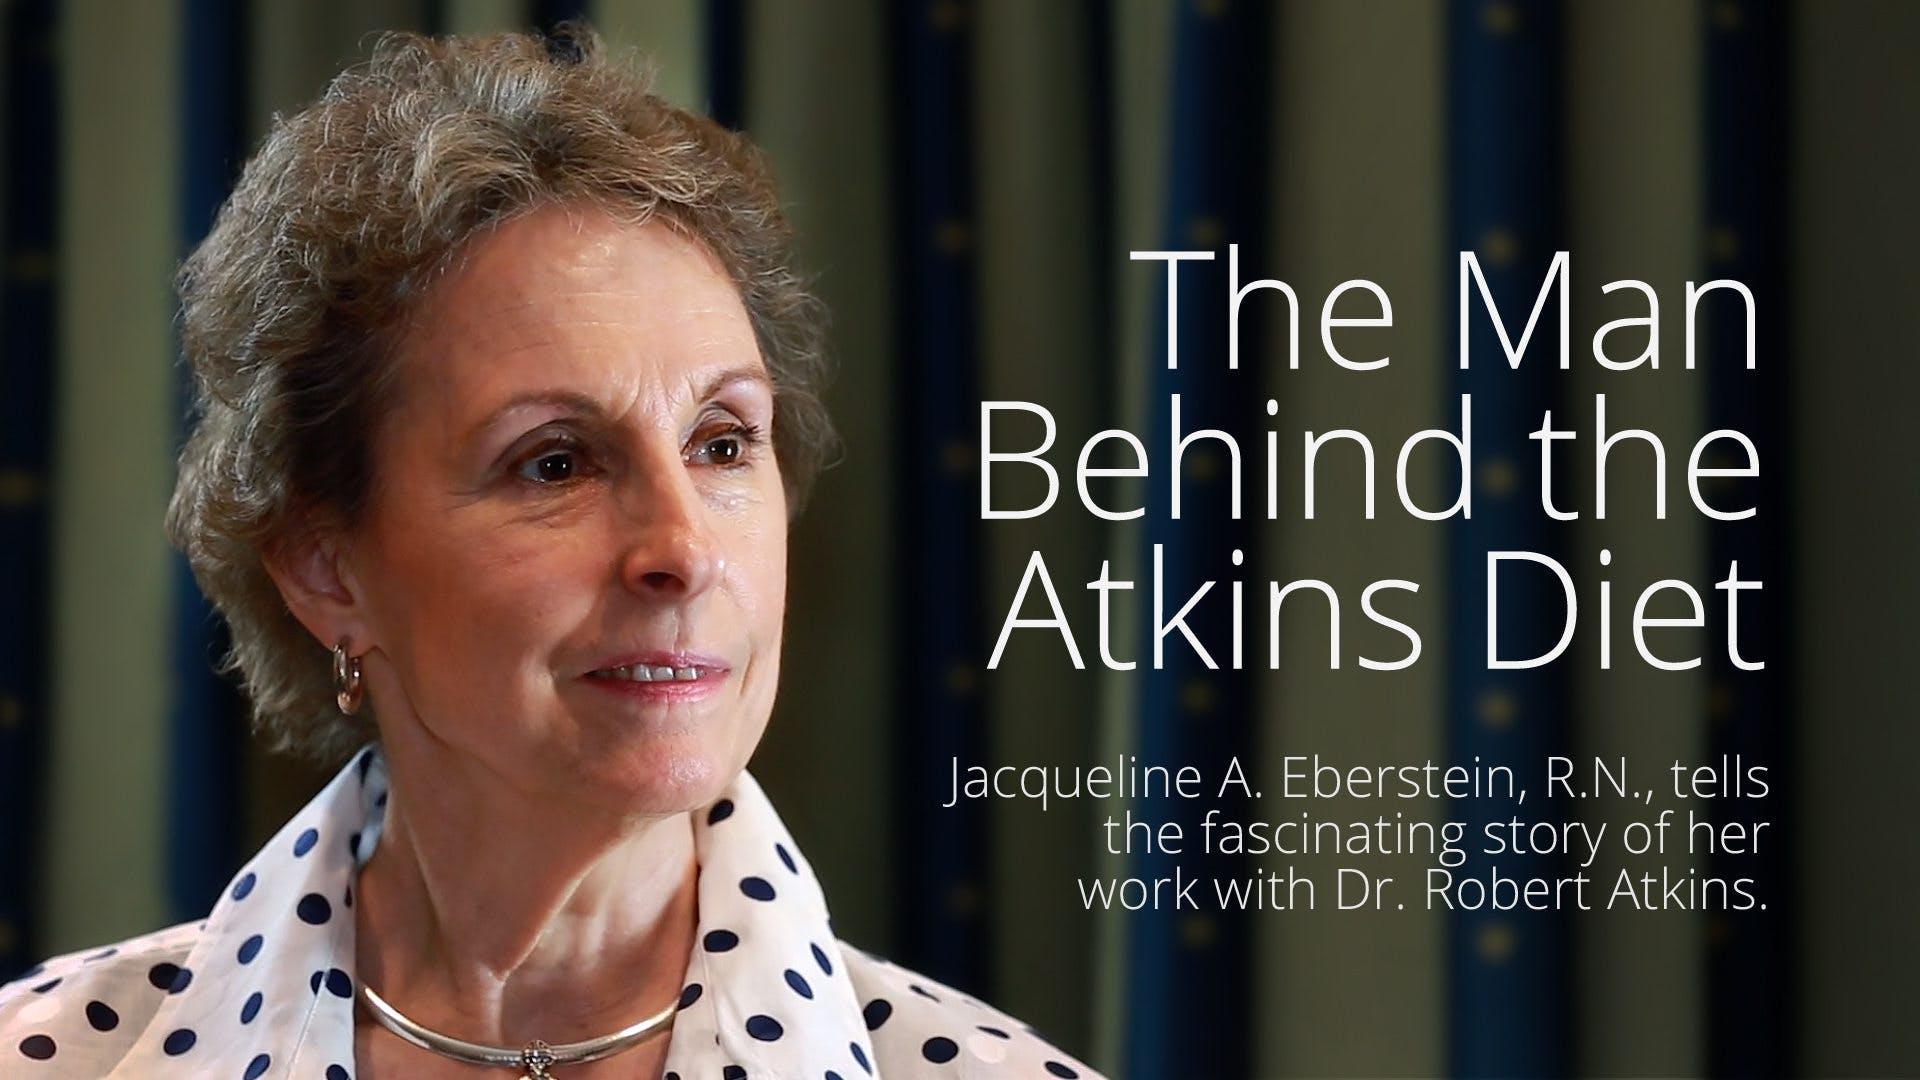 Jackie Eberstein